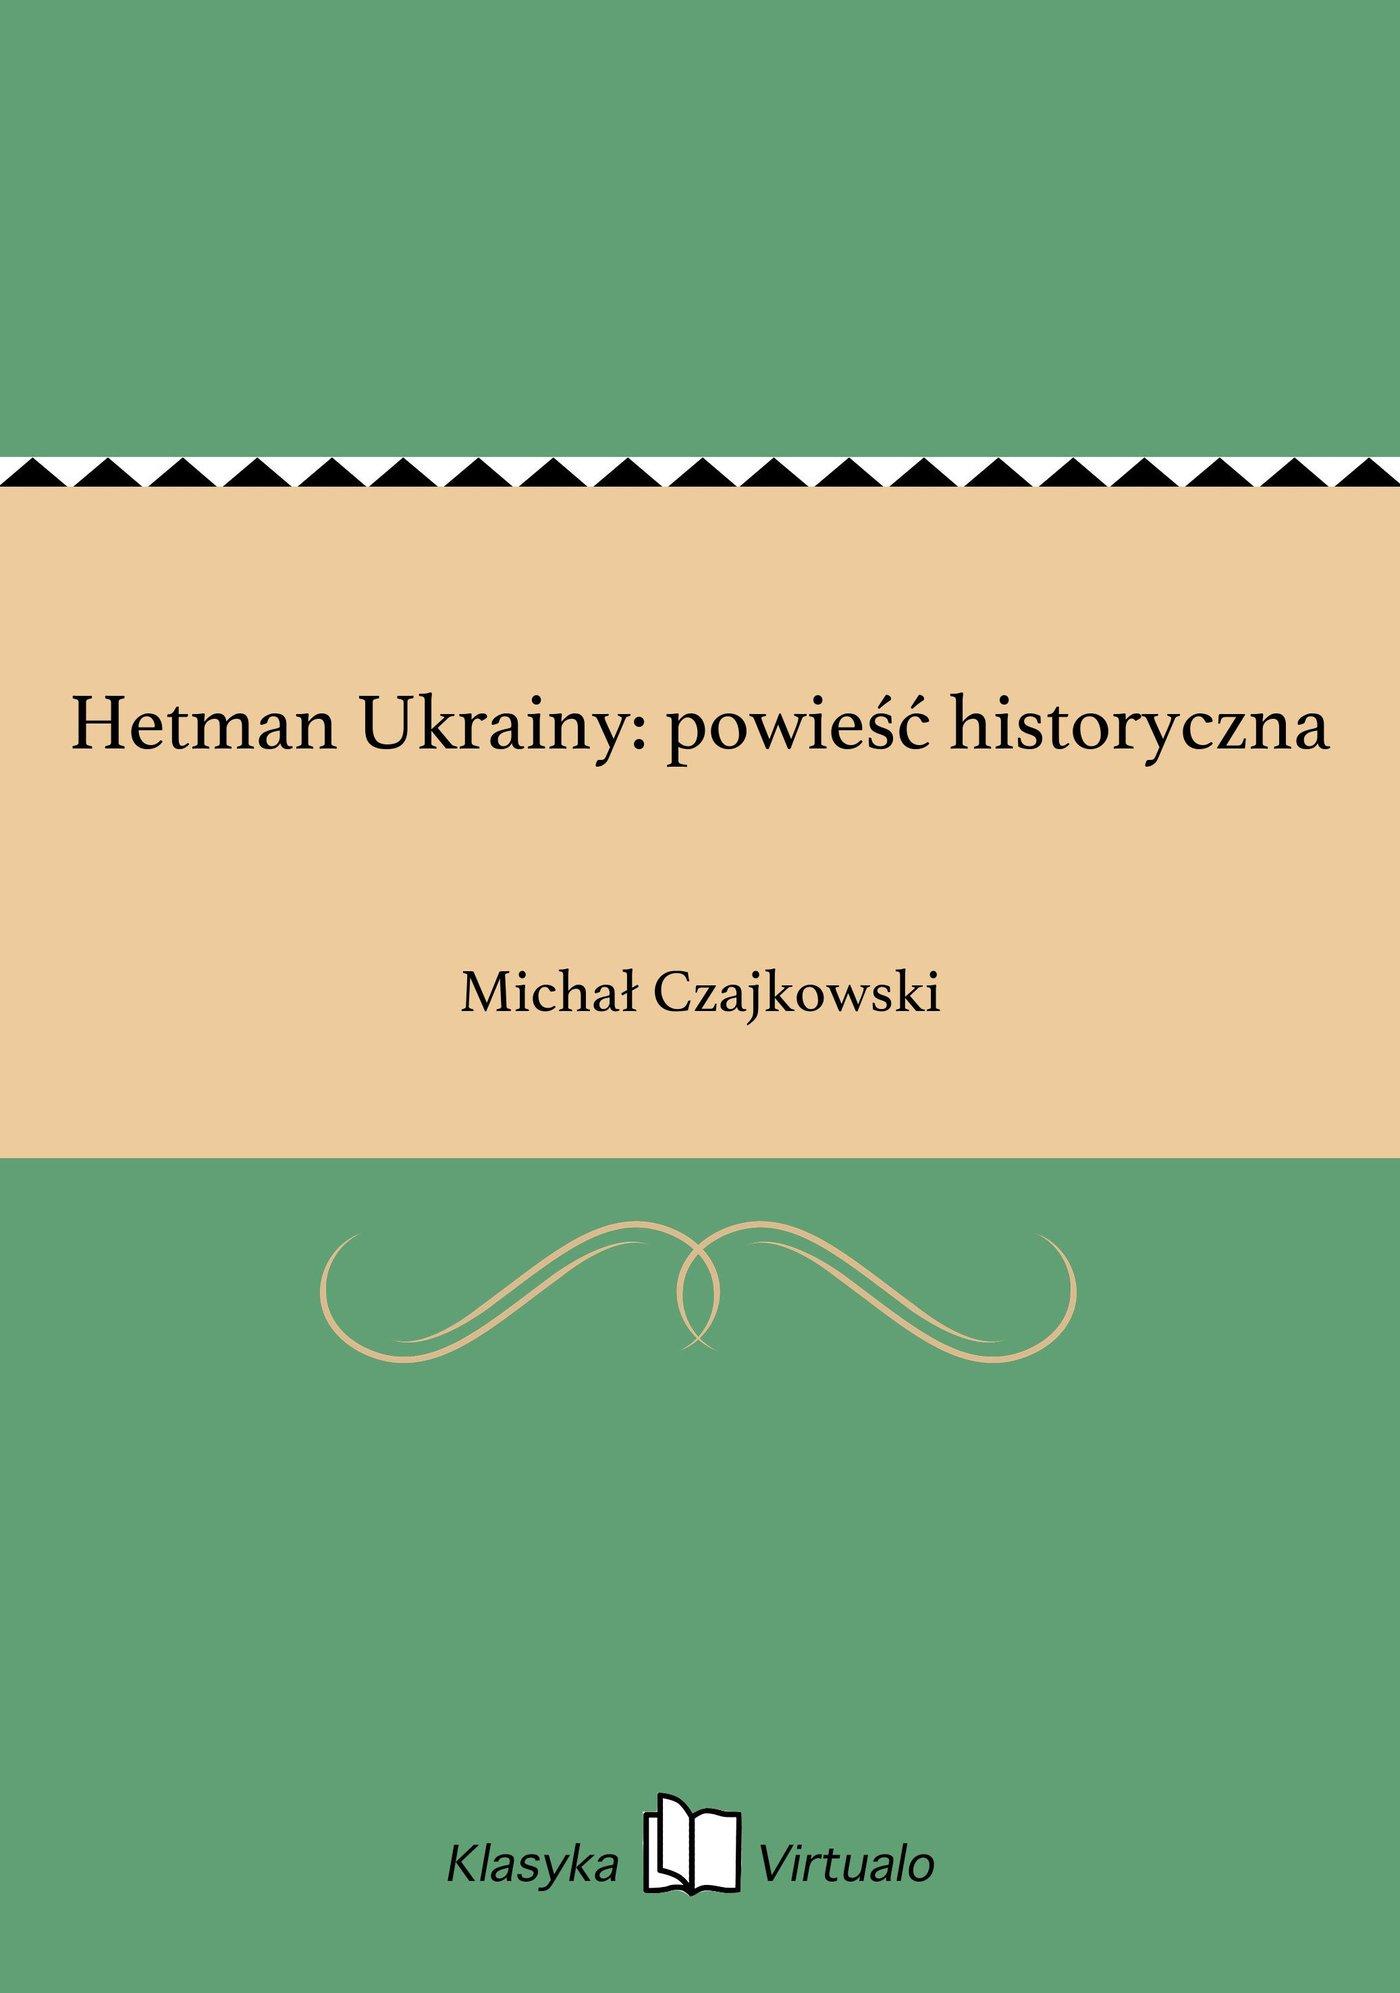 Hetman Ukrainy: powieść historyczna - Ebook (Książka EPUB) do pobrania w formacie EPUB